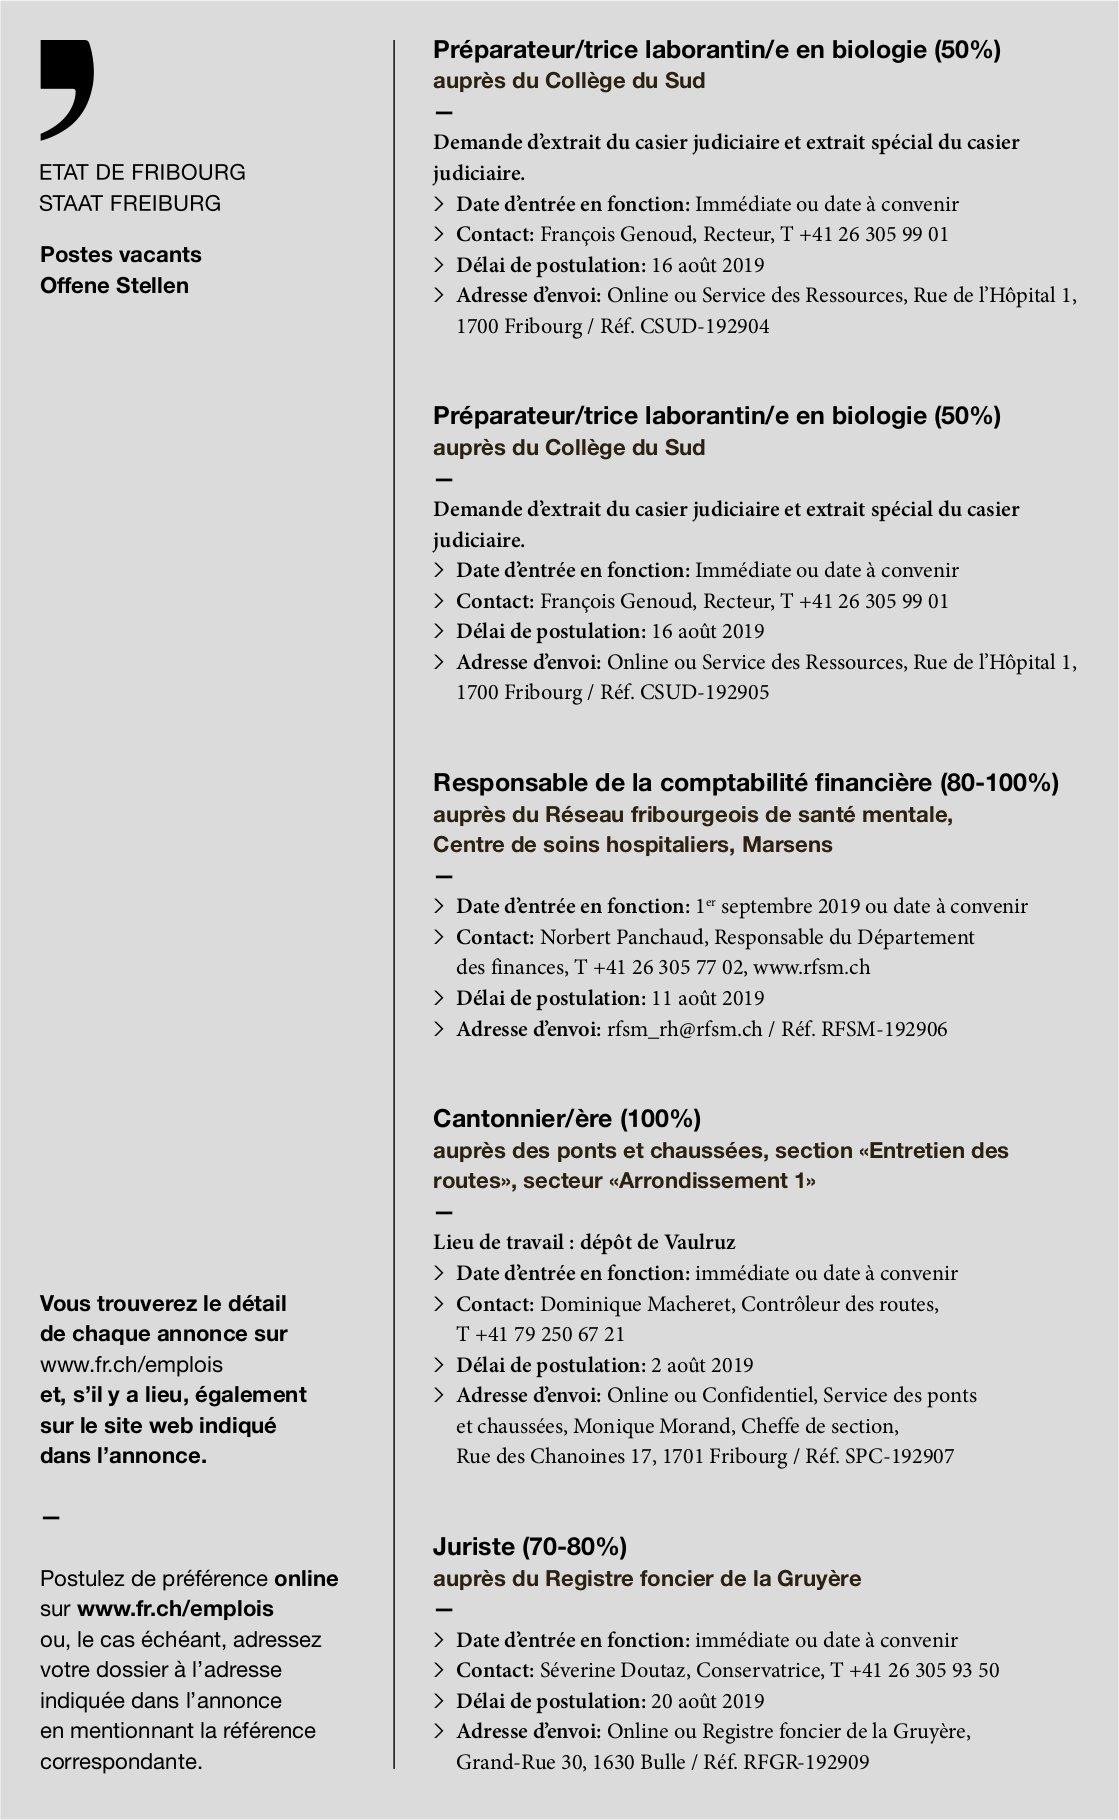 Préparateur/trice laborantin/e en biologie (50%), Collège du Sud, Fribourg, recherché